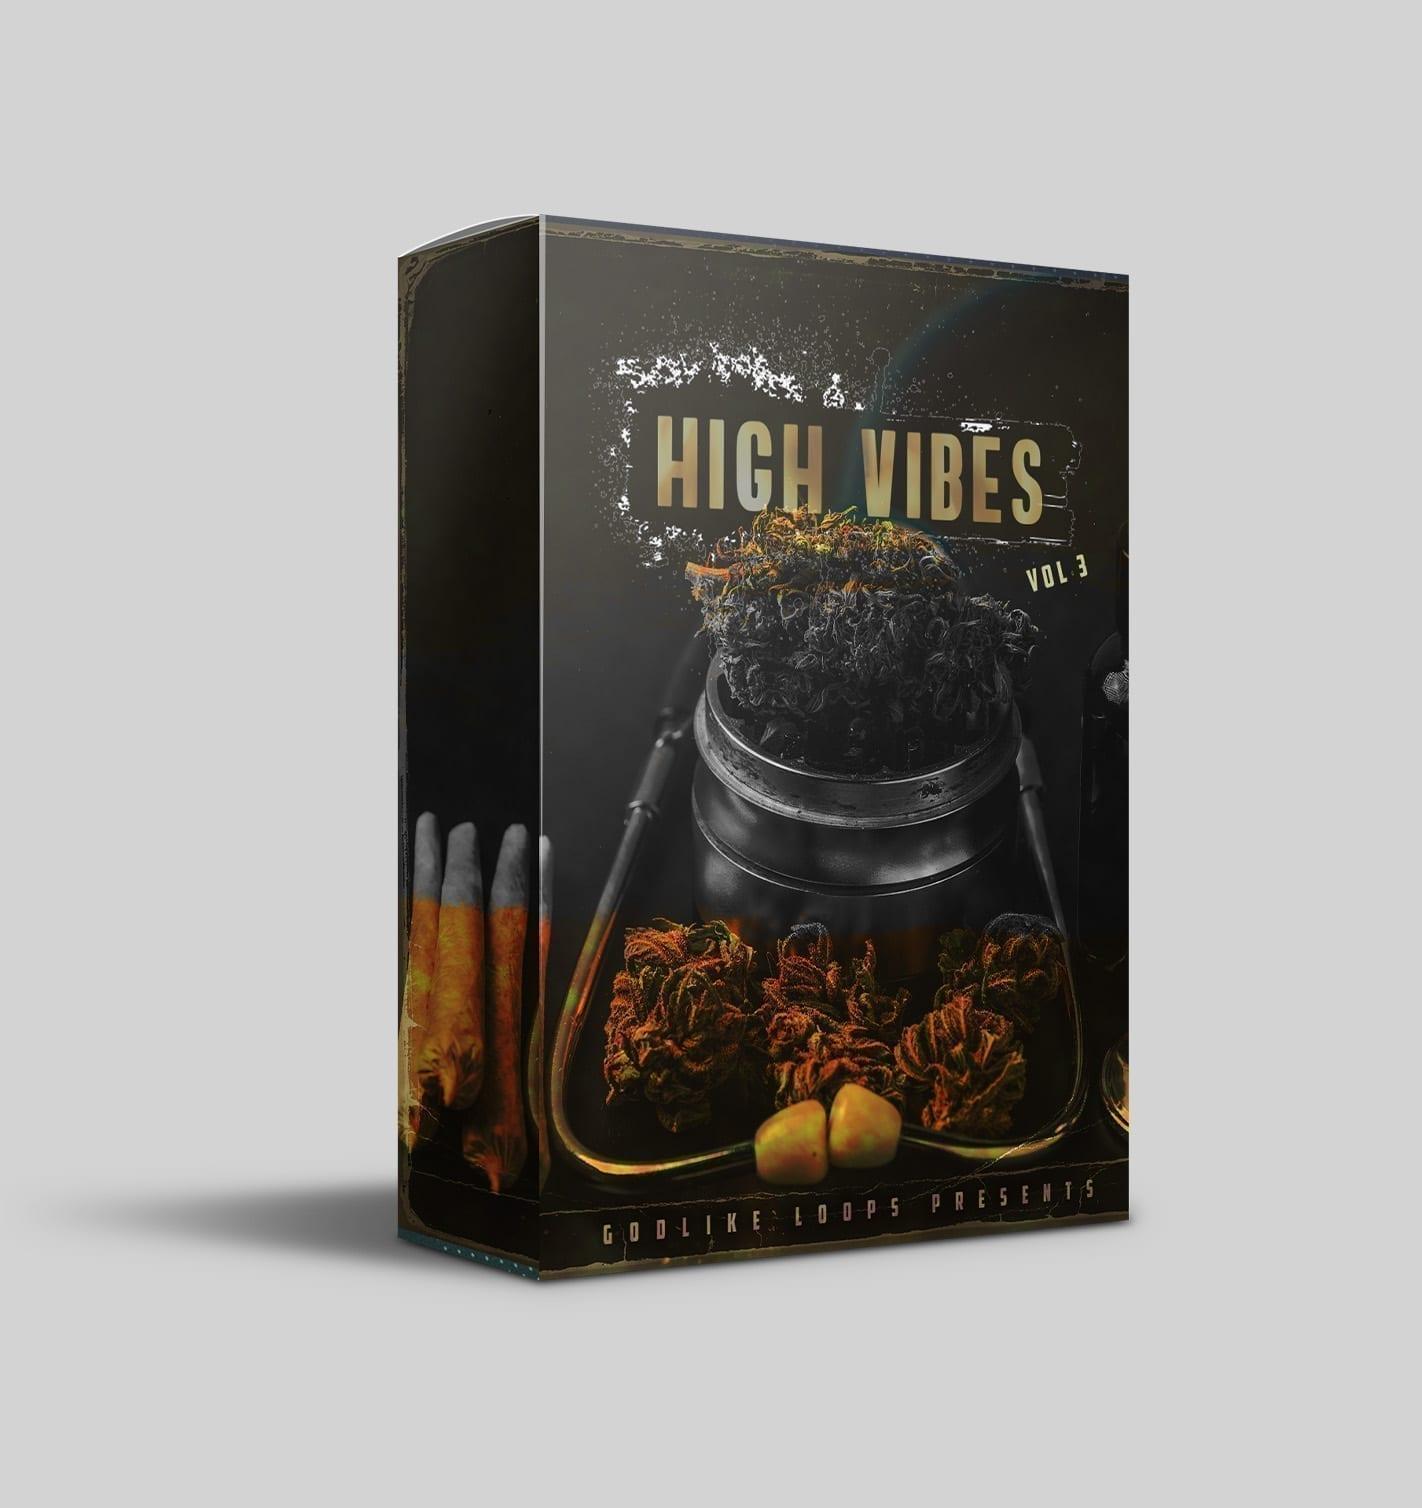 Godlike Loops - High Vibes Vol.3